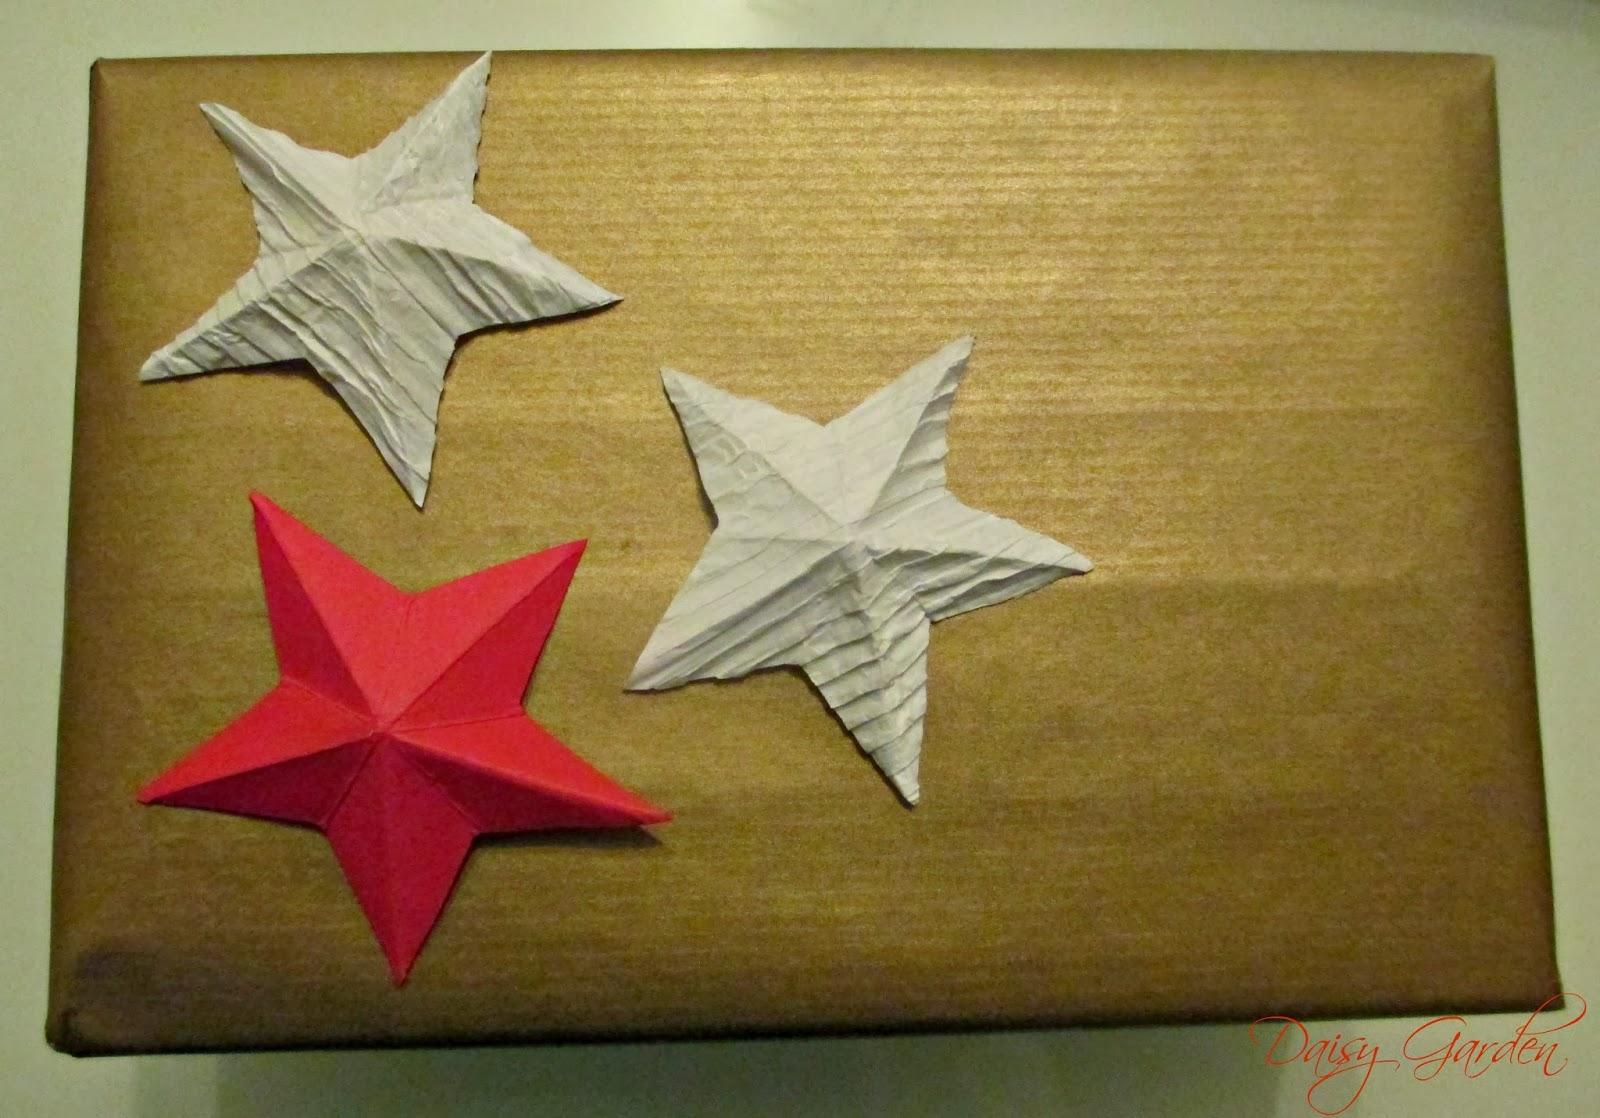 Daisy garden i pacchetti di natale pacchetti reciclosi for Stelle di carta tridimensionali